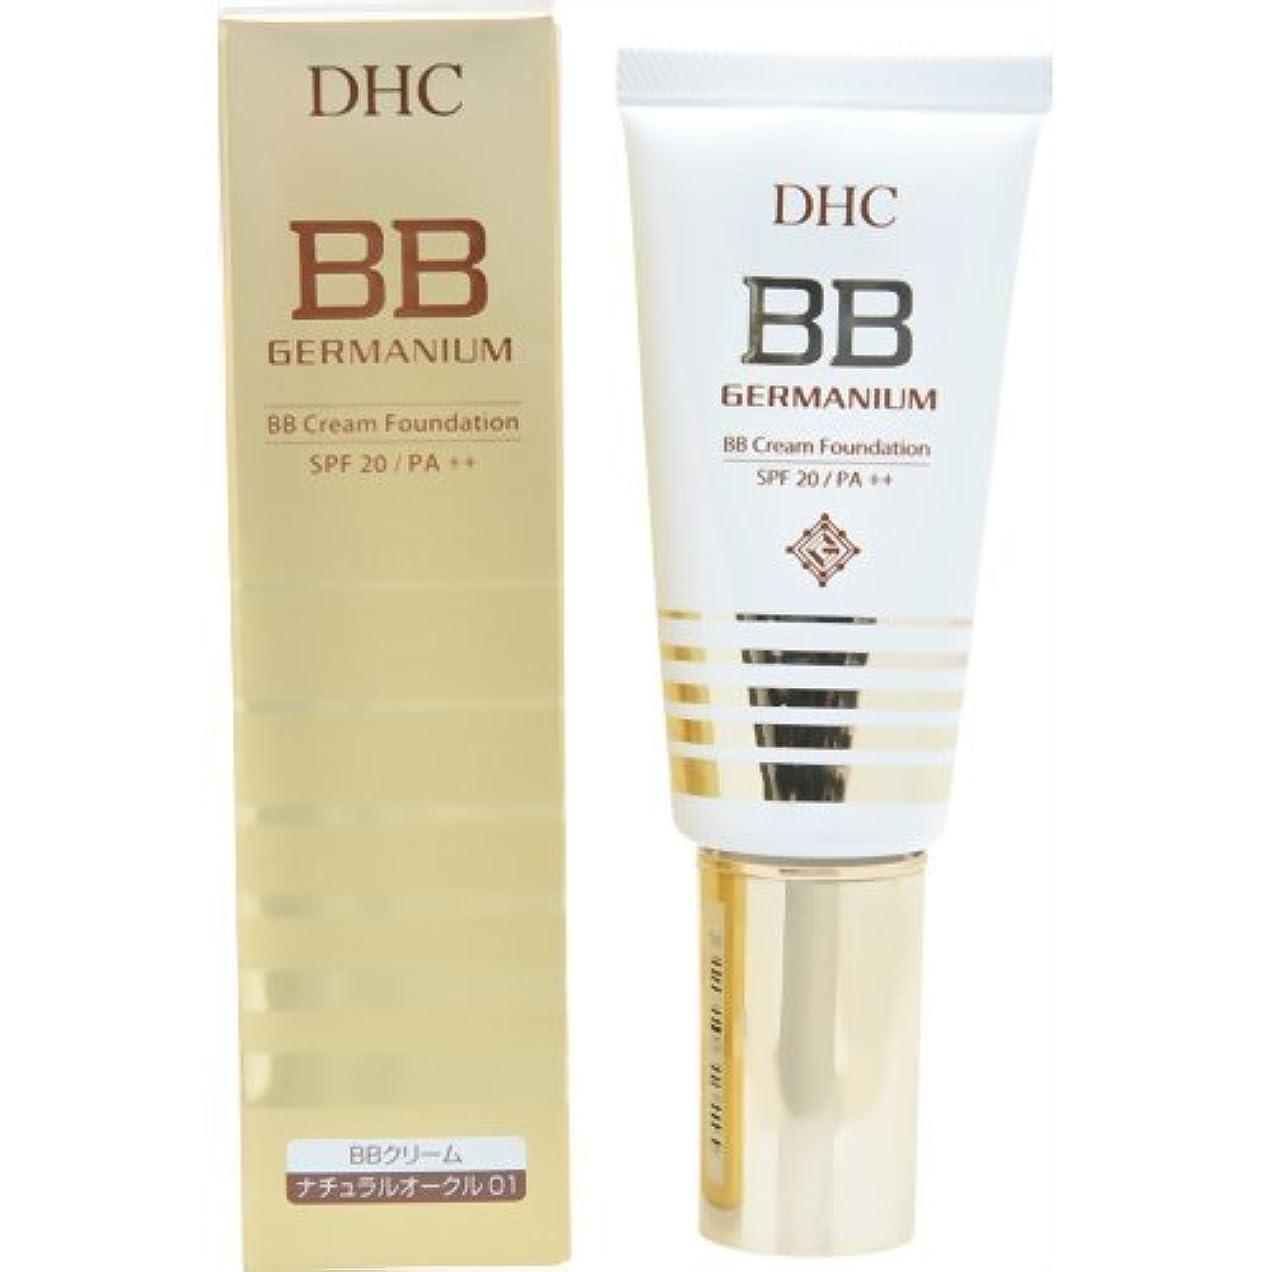 エロチック純粋な咳DHC BBクリームGE ナチュラルオークル01 40g